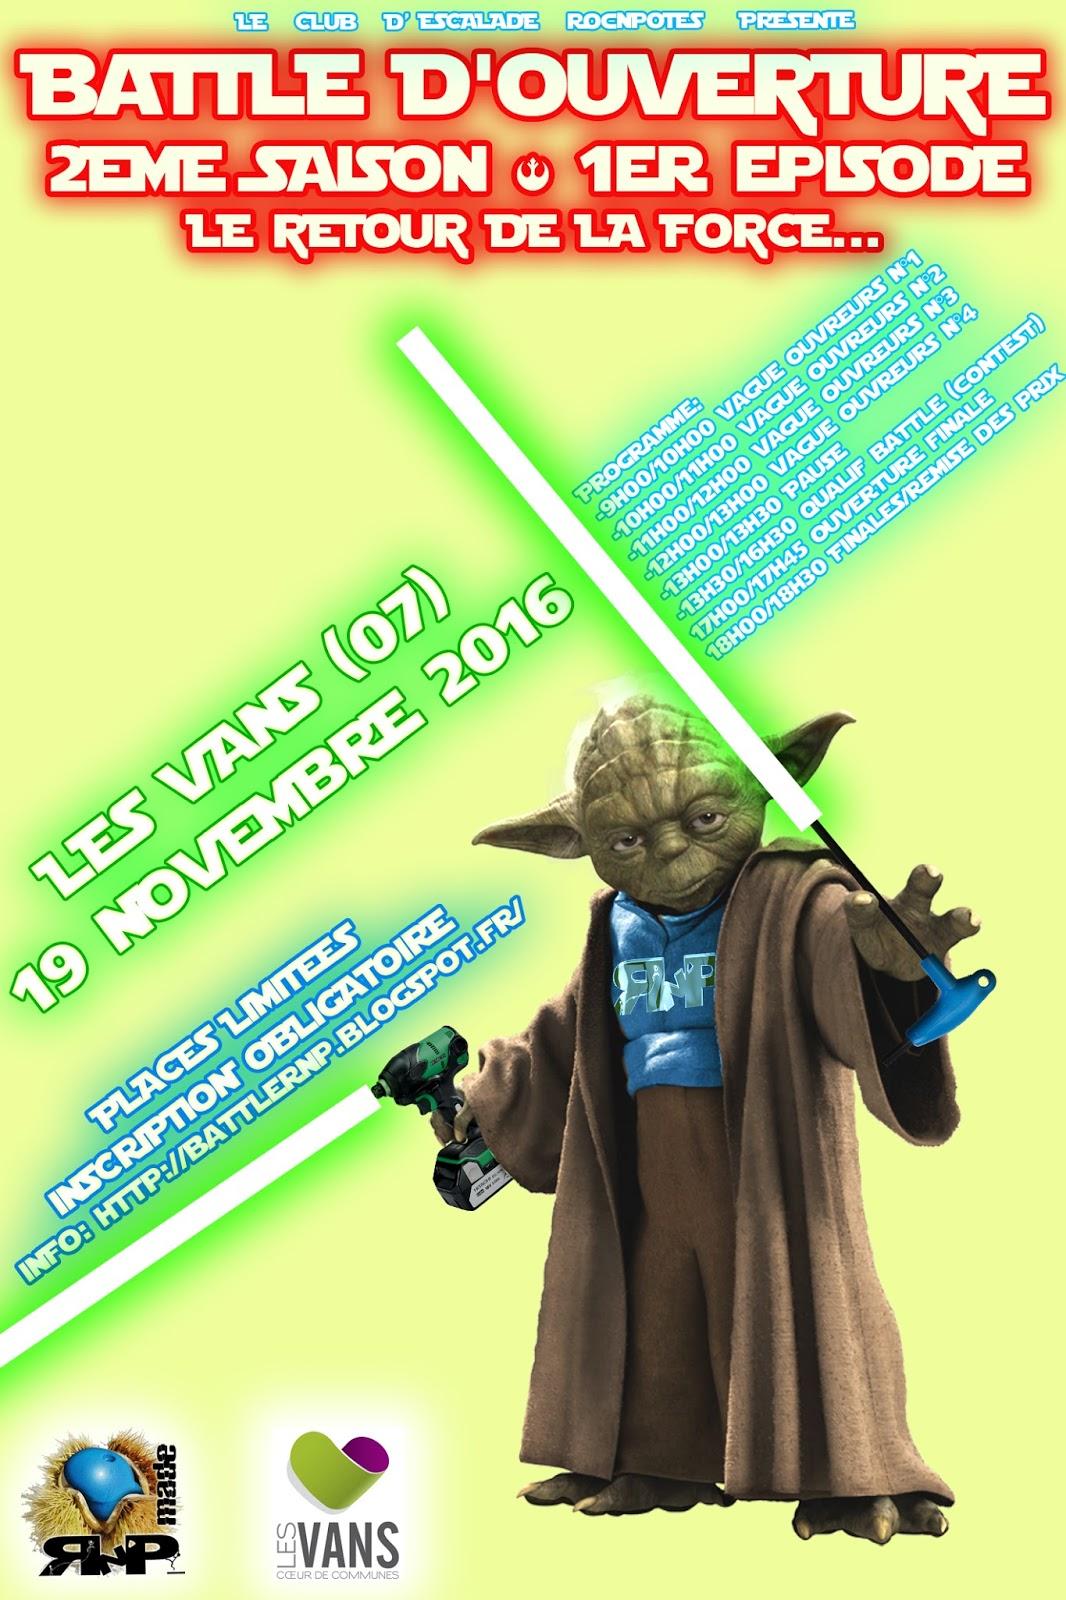 Réservez votre 19 novembre !!!!